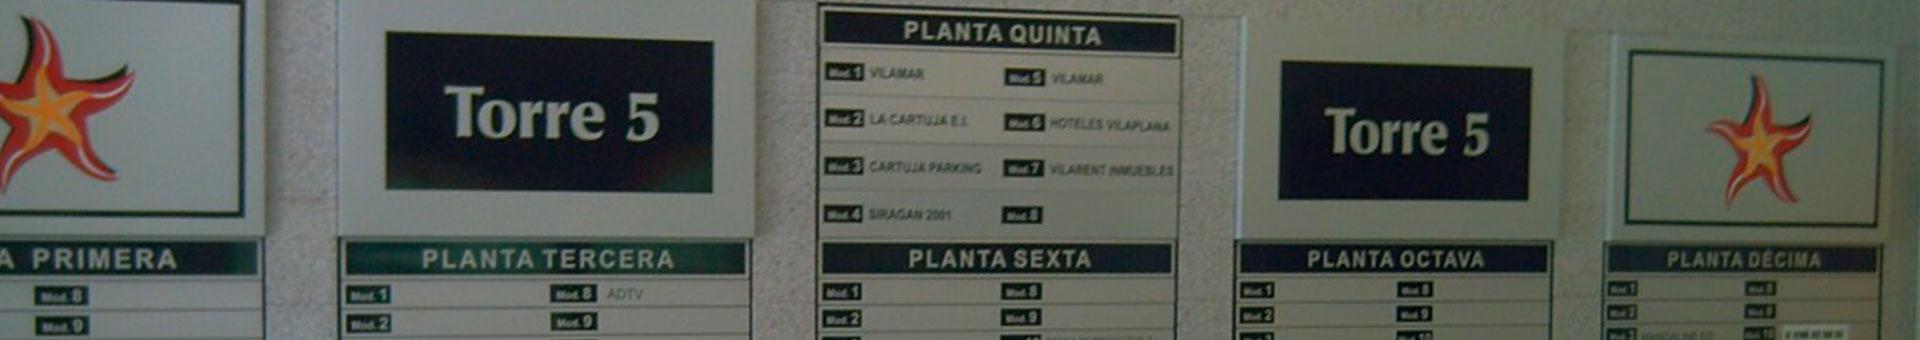 00-cabecera-directorios